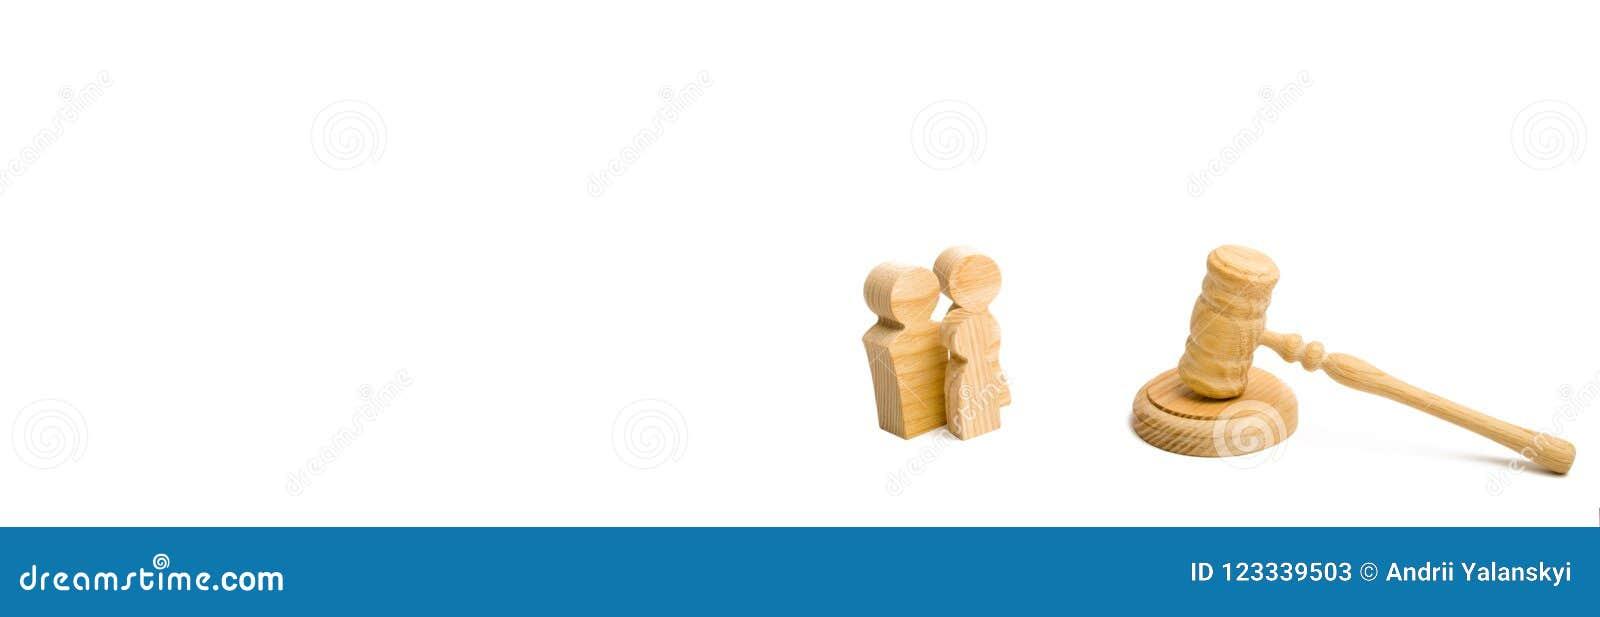 Familjen med barnet och hammaren bedömer på vit bakgrund Begreppet av prosessen och paracticsen i affärsangelägenheter Sociala rä